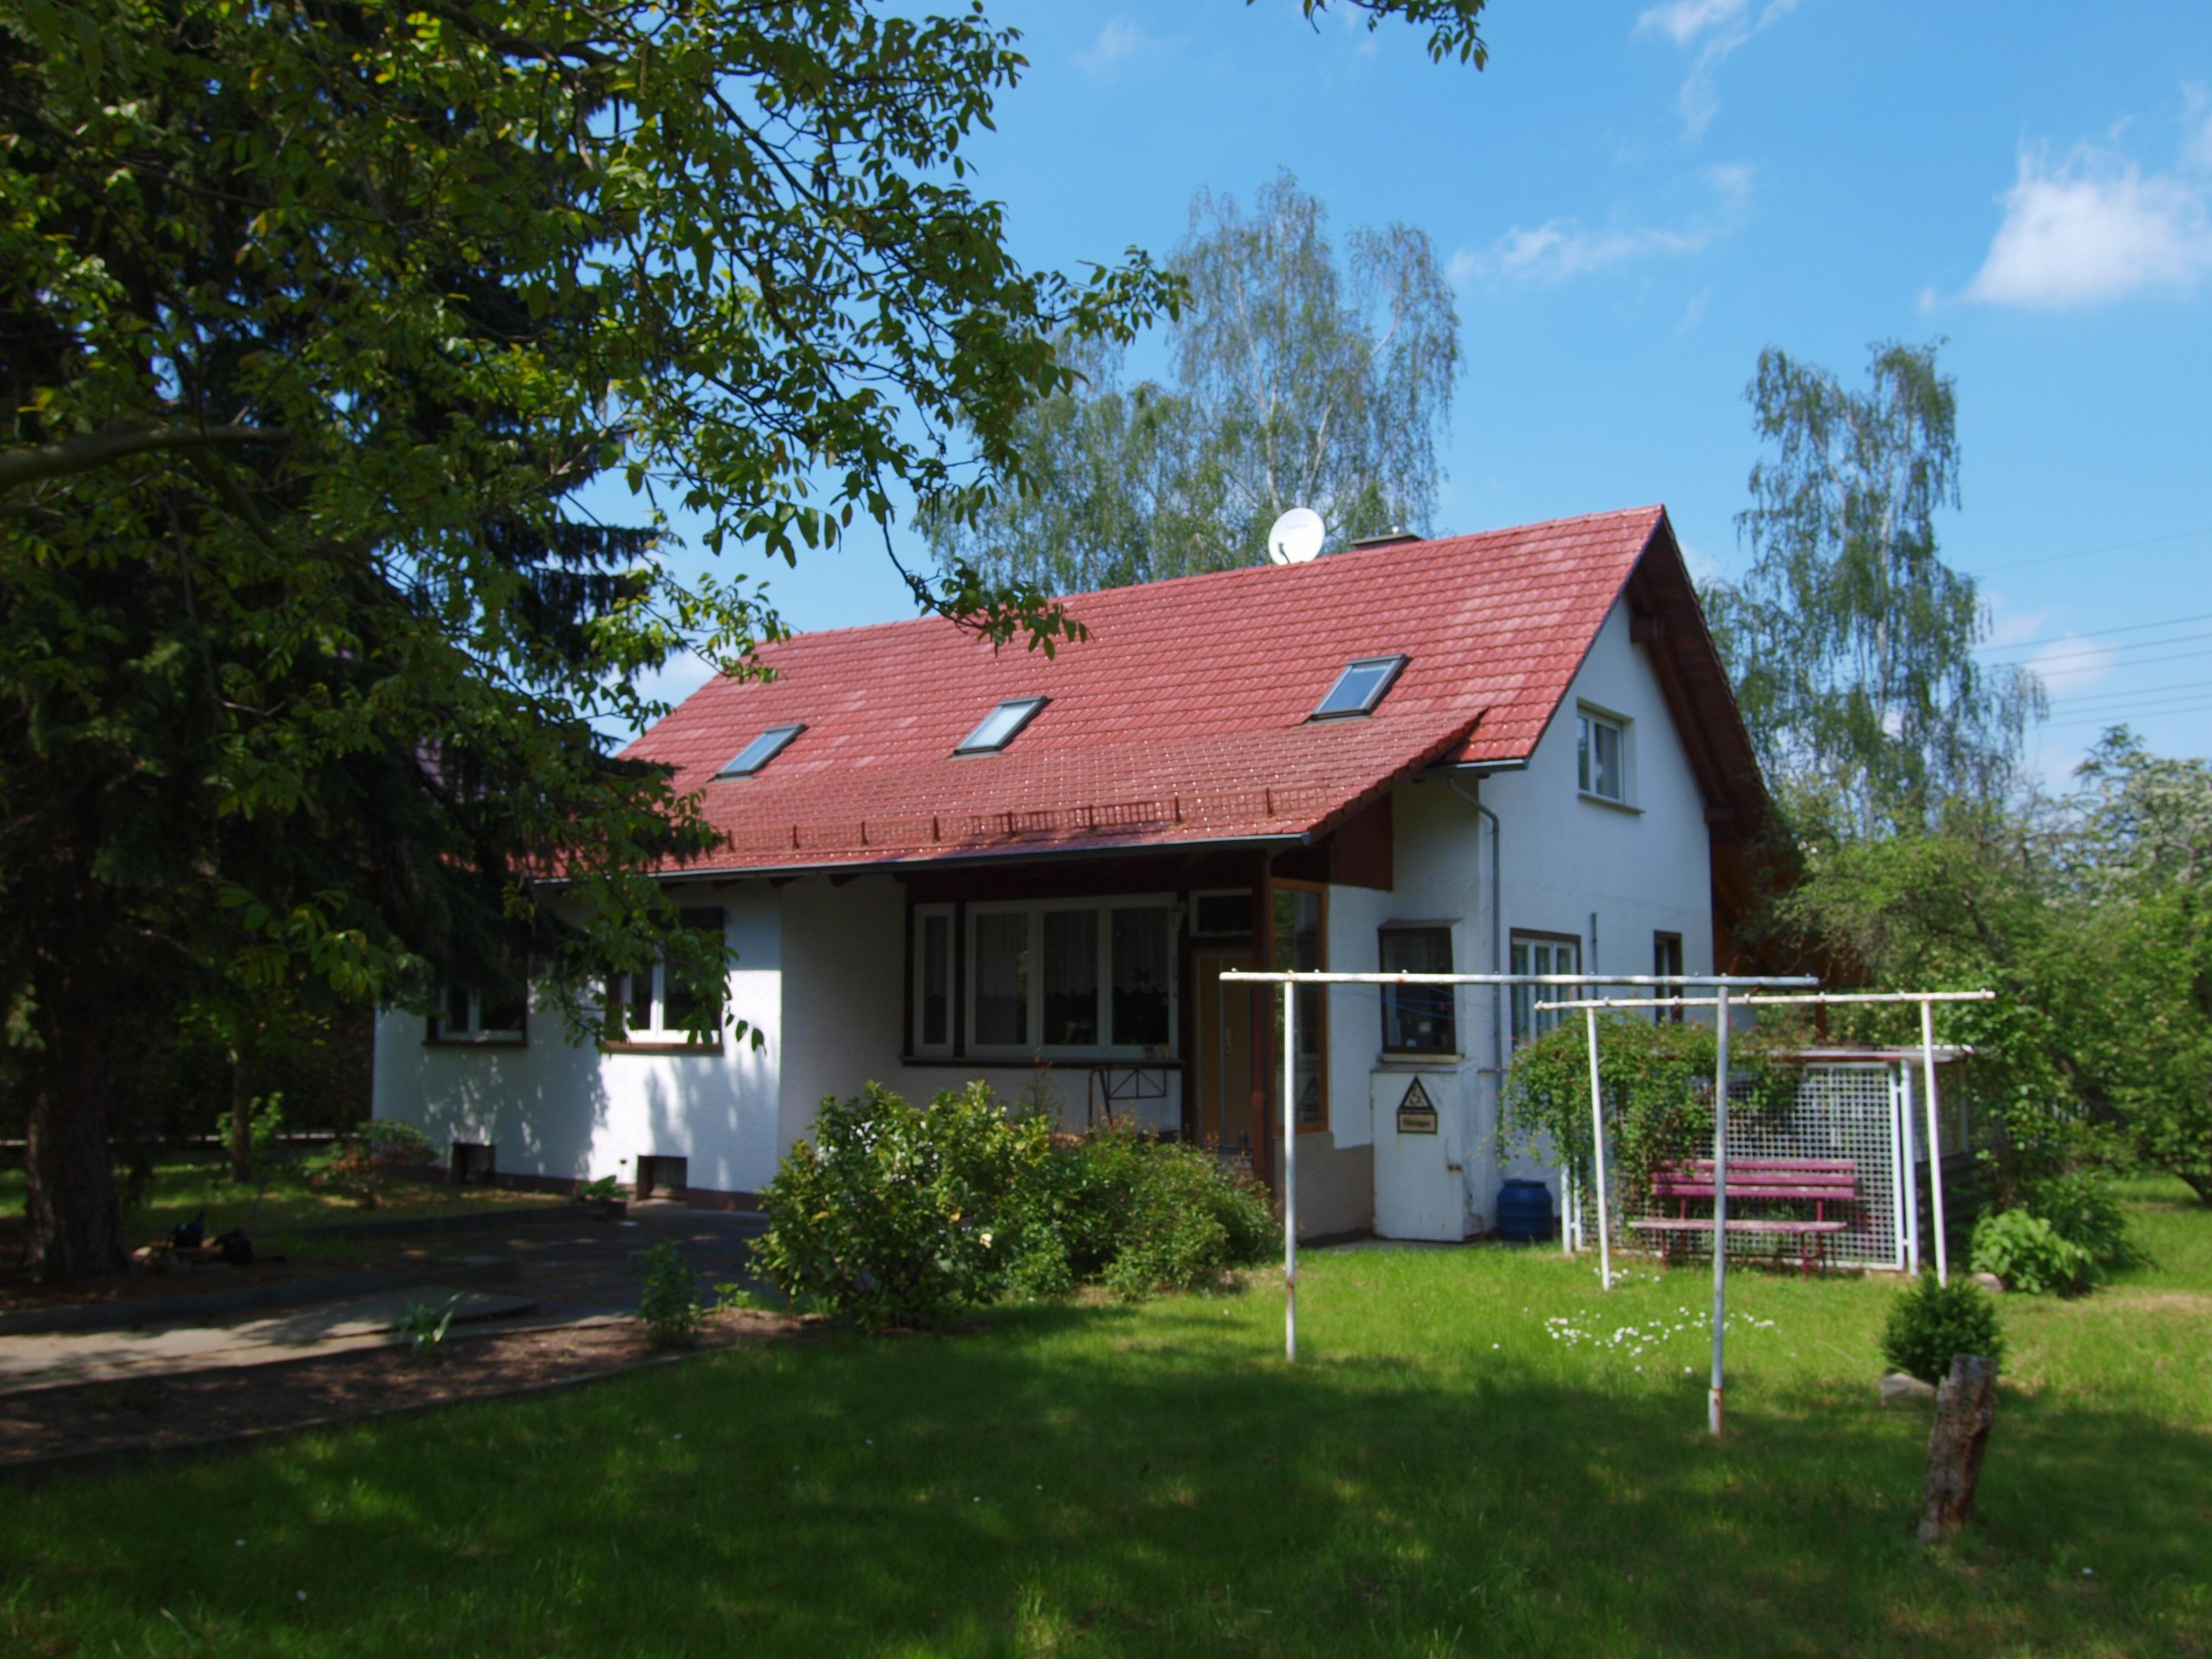 Einfamilienhaus Wörmlitz - Vorderansicht mit Garten